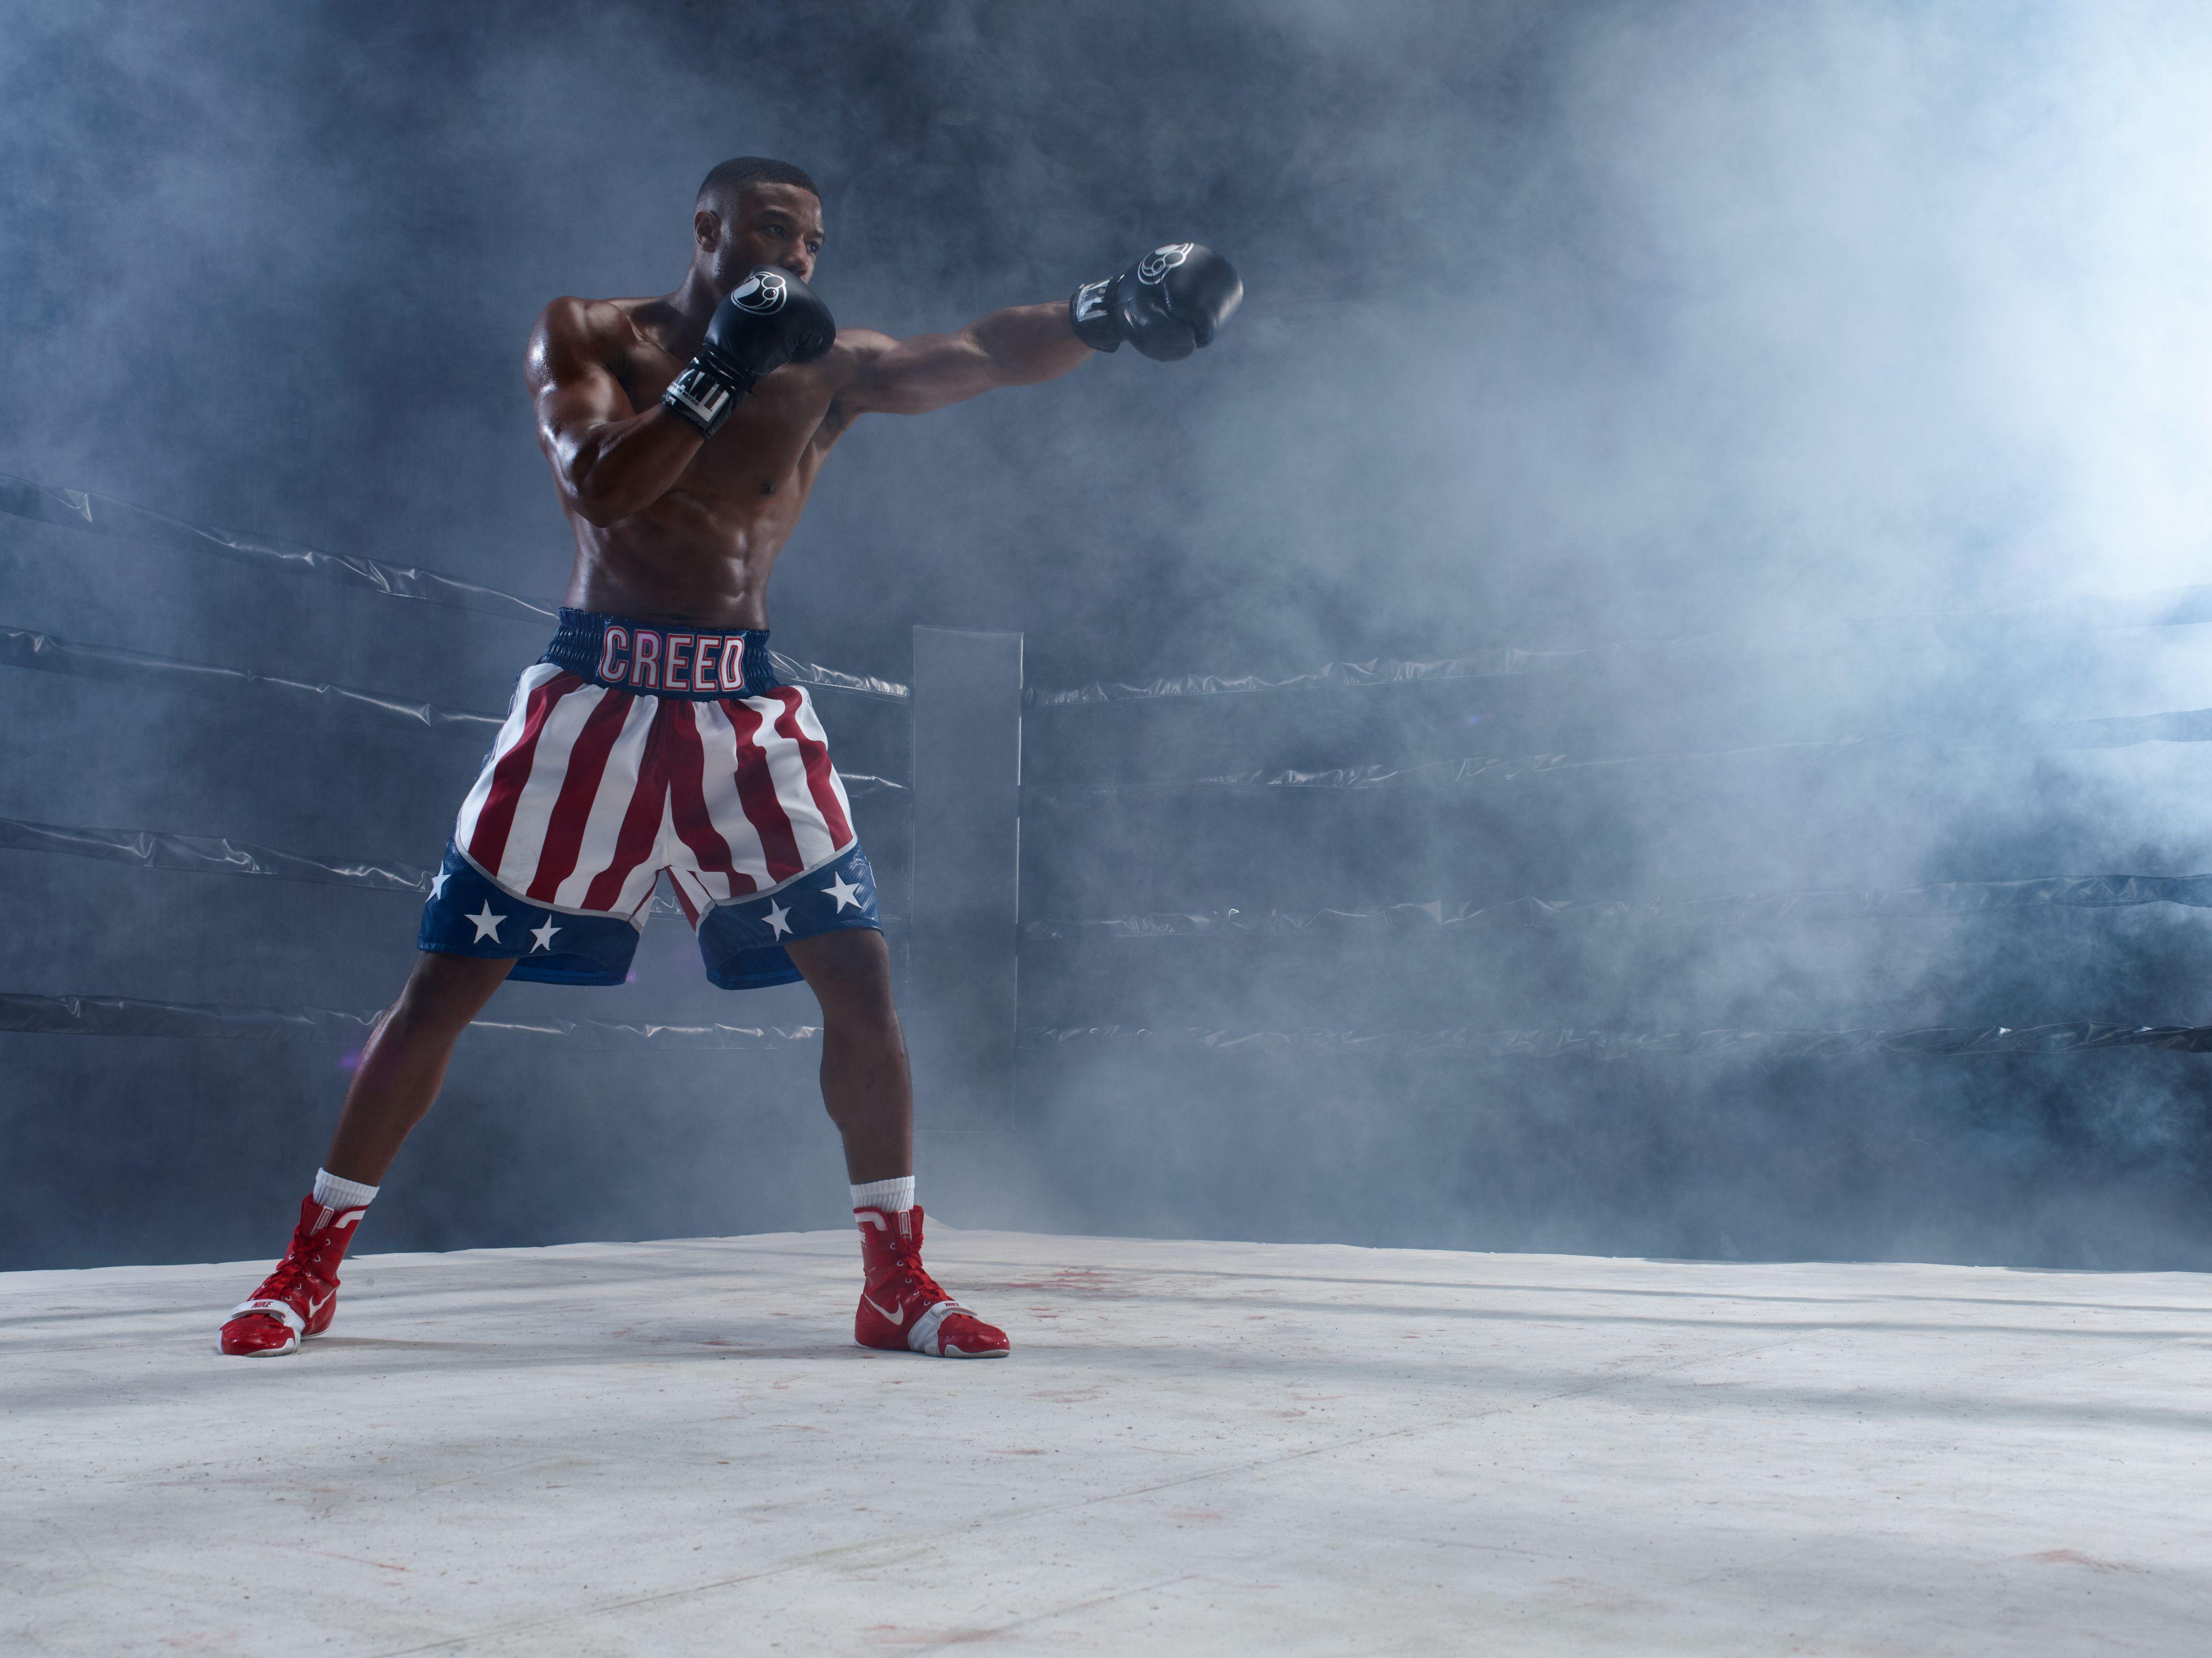 Creed Ii: RockyS Legacy